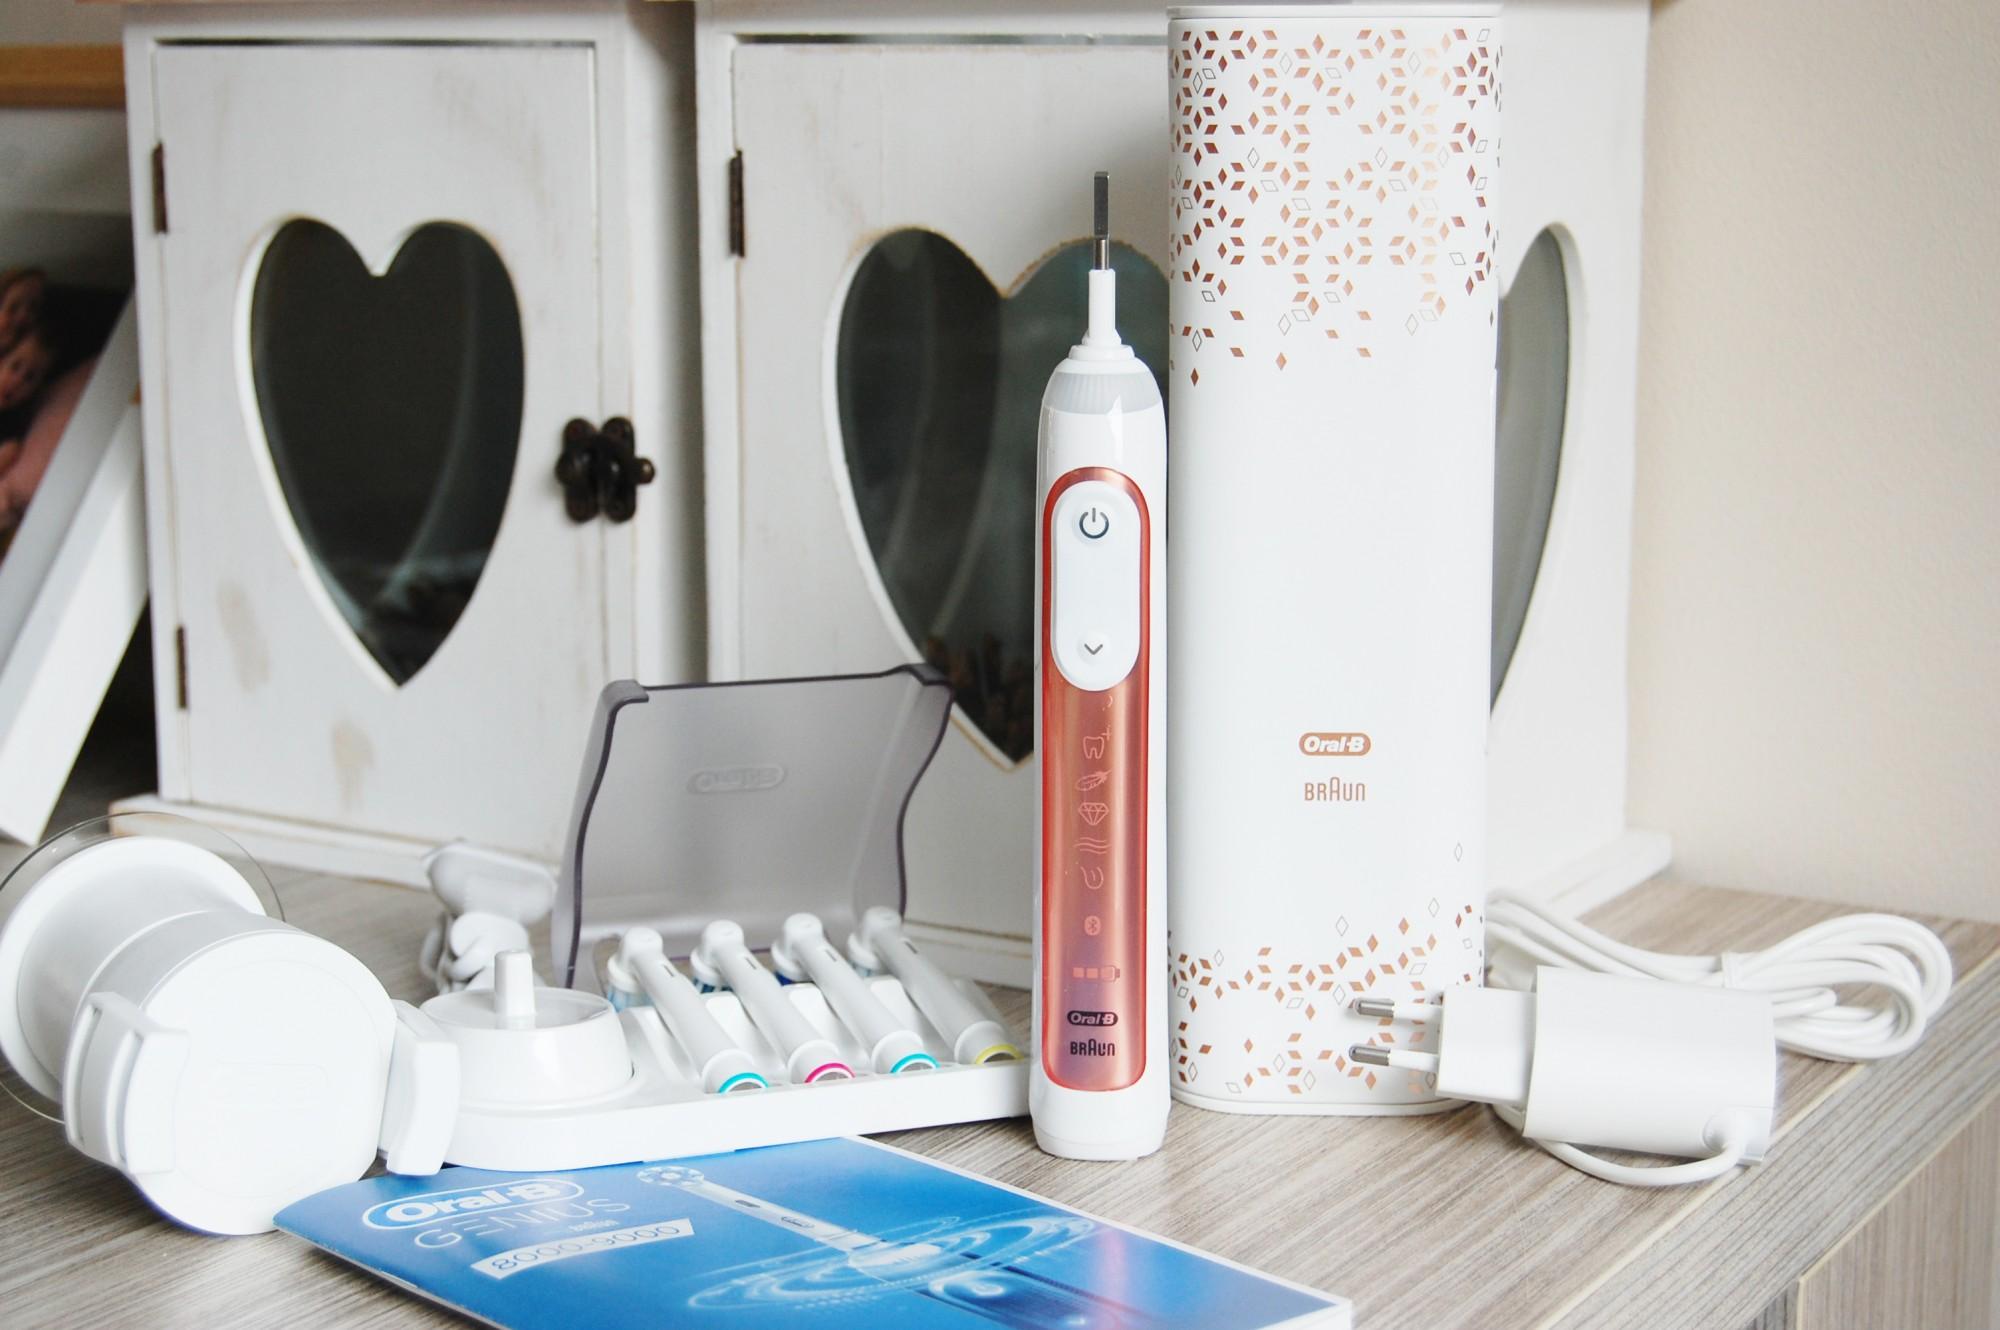 Oral-B Genius 9000s Rosegold